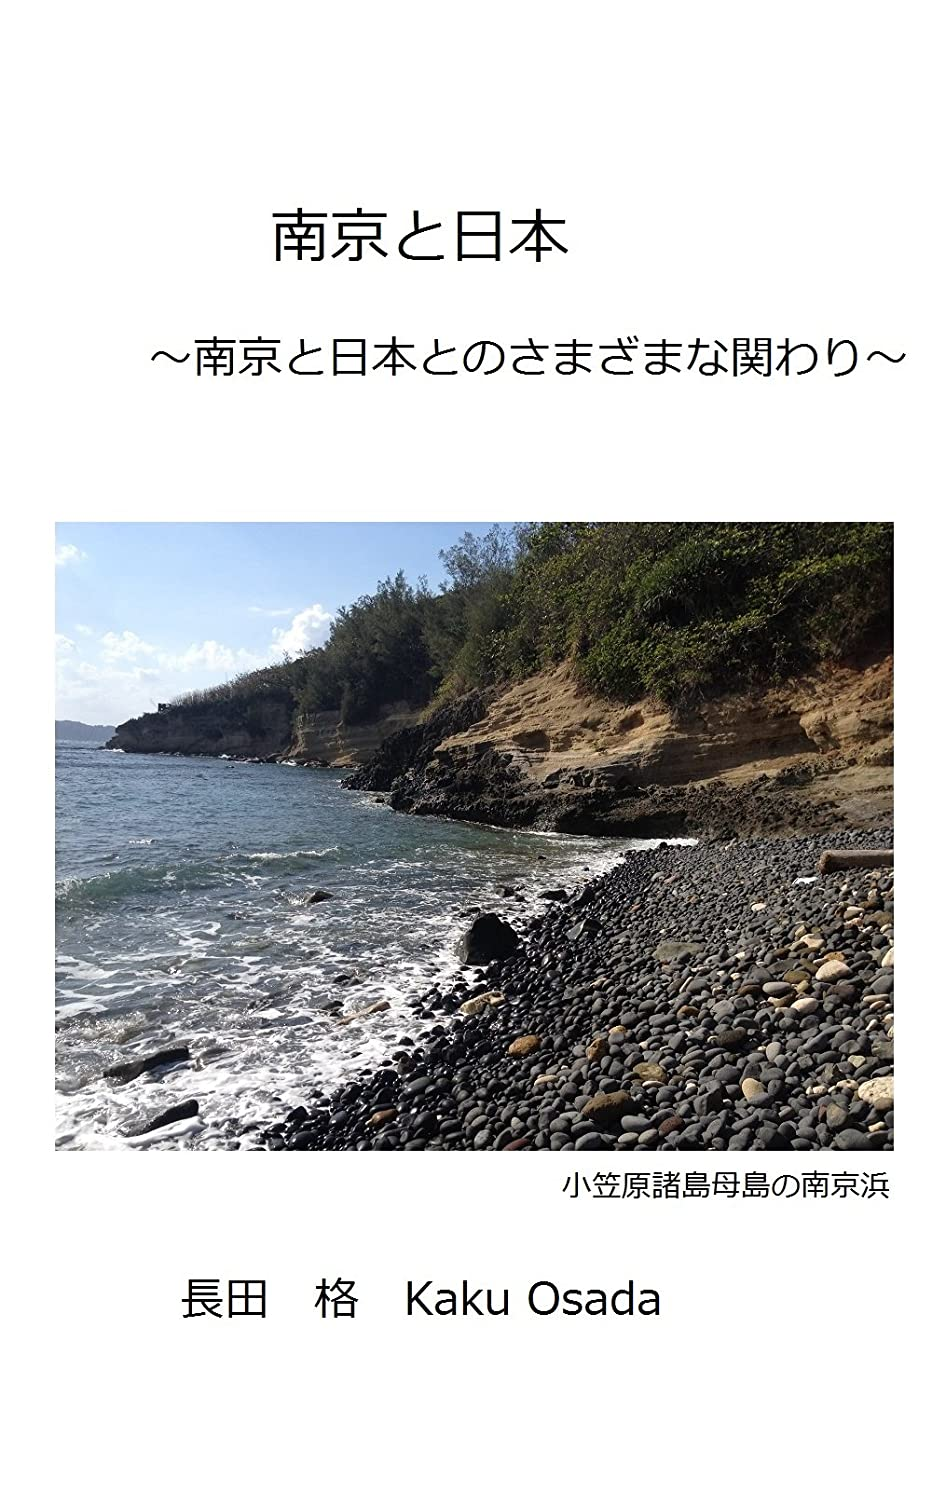 オゾン納税者インペリアル我愛南京① 南京と日本: 南京と日本とのさまざまな関わり